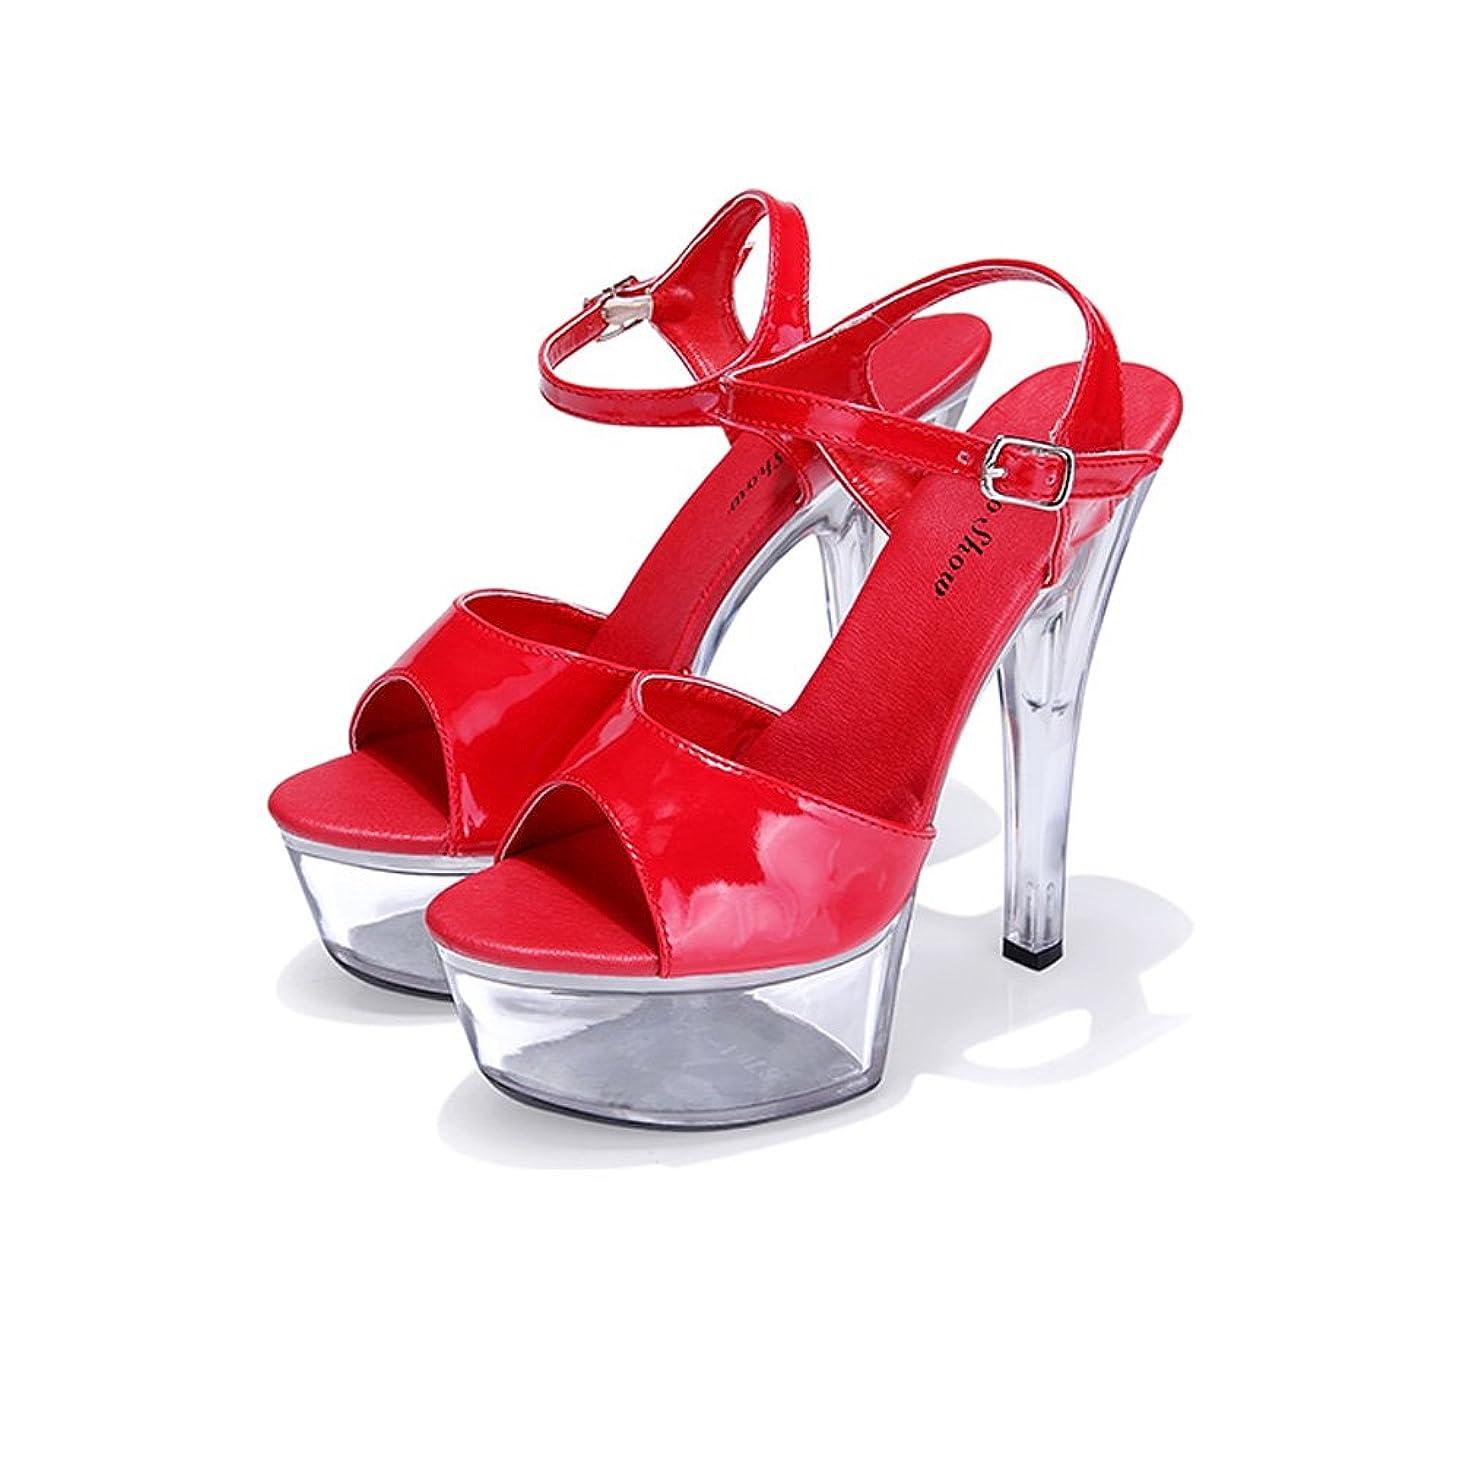 エンジニアリング結晶リベラル[Chuguang] キャバサンダル パンプス 歩きやすい 15cmヒール 美脚 ピンヒール 脚長効果 痛くない 大きいサイズ パンプス インソール ピンヒール 美脚 透明 結婚式 2次会 22cm-27cm